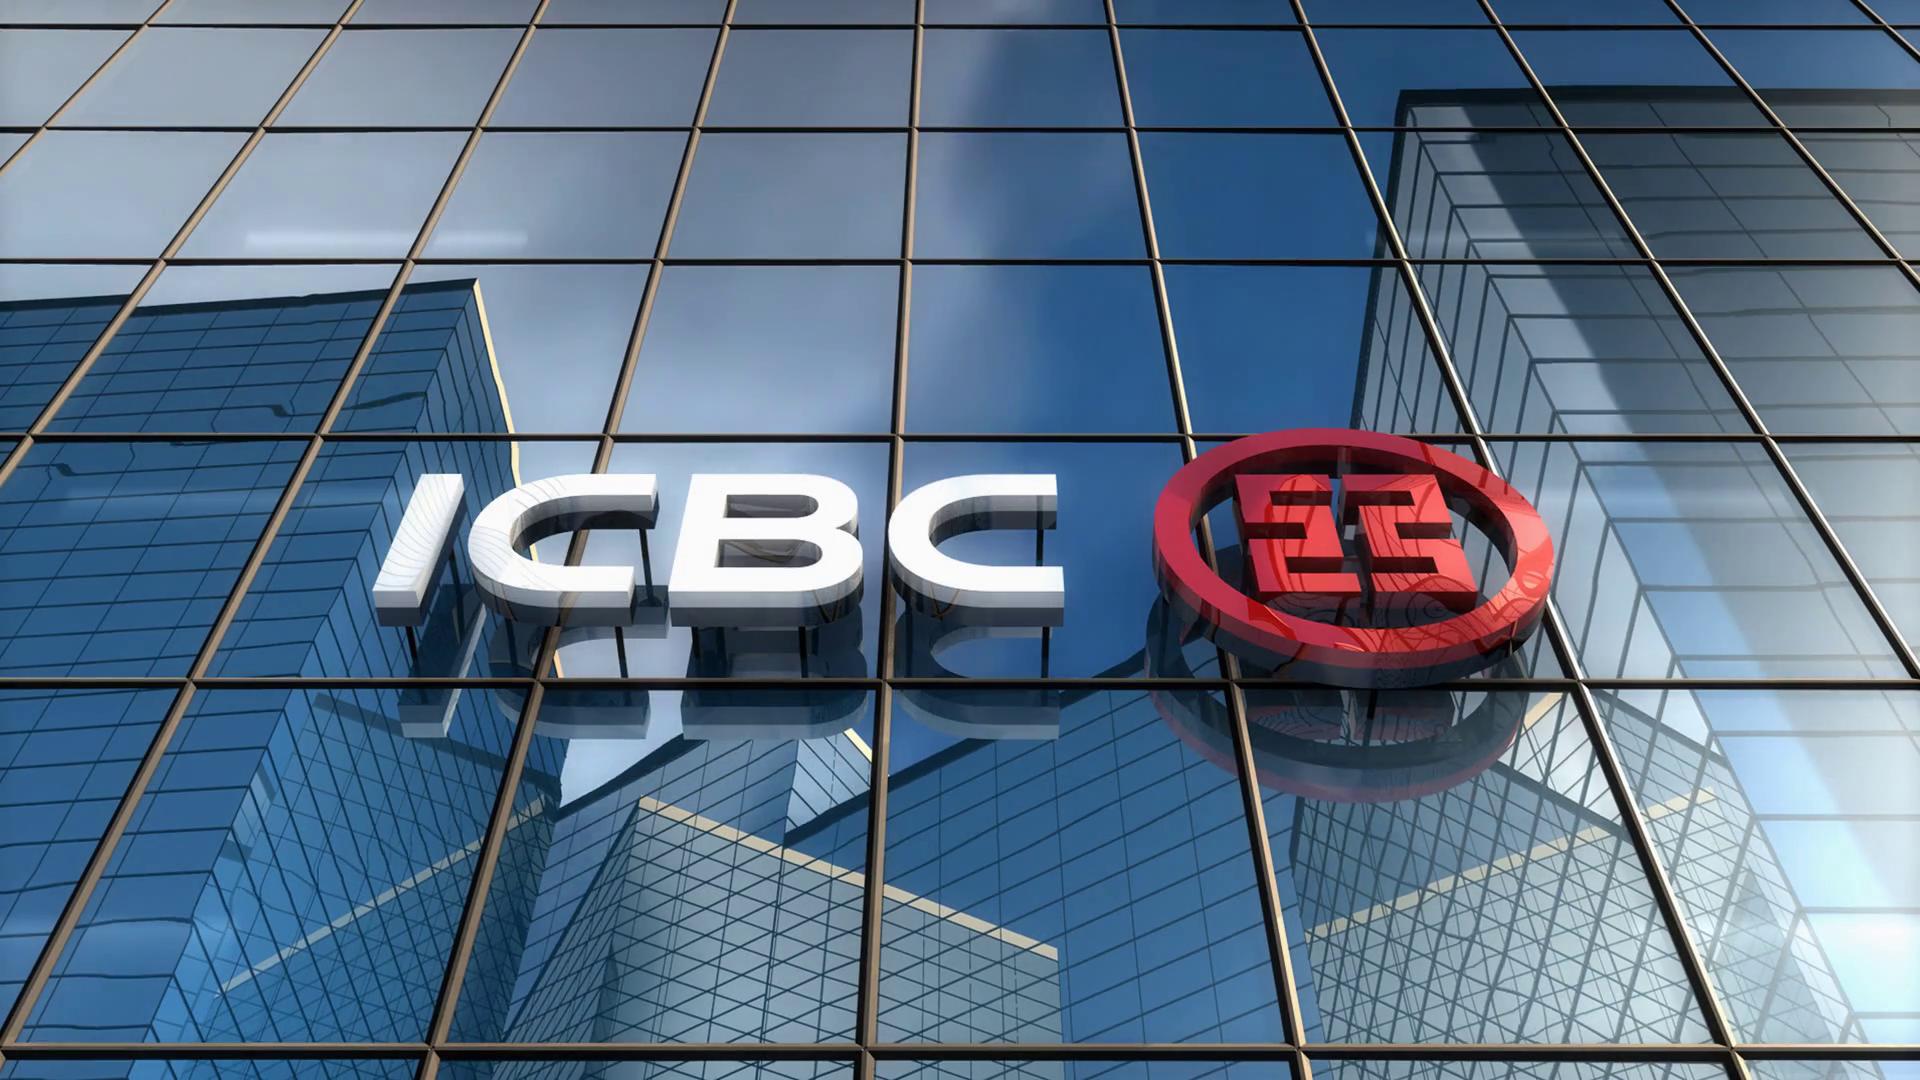 Китайские банки названы крупнейшими вмире- Kapital.kz